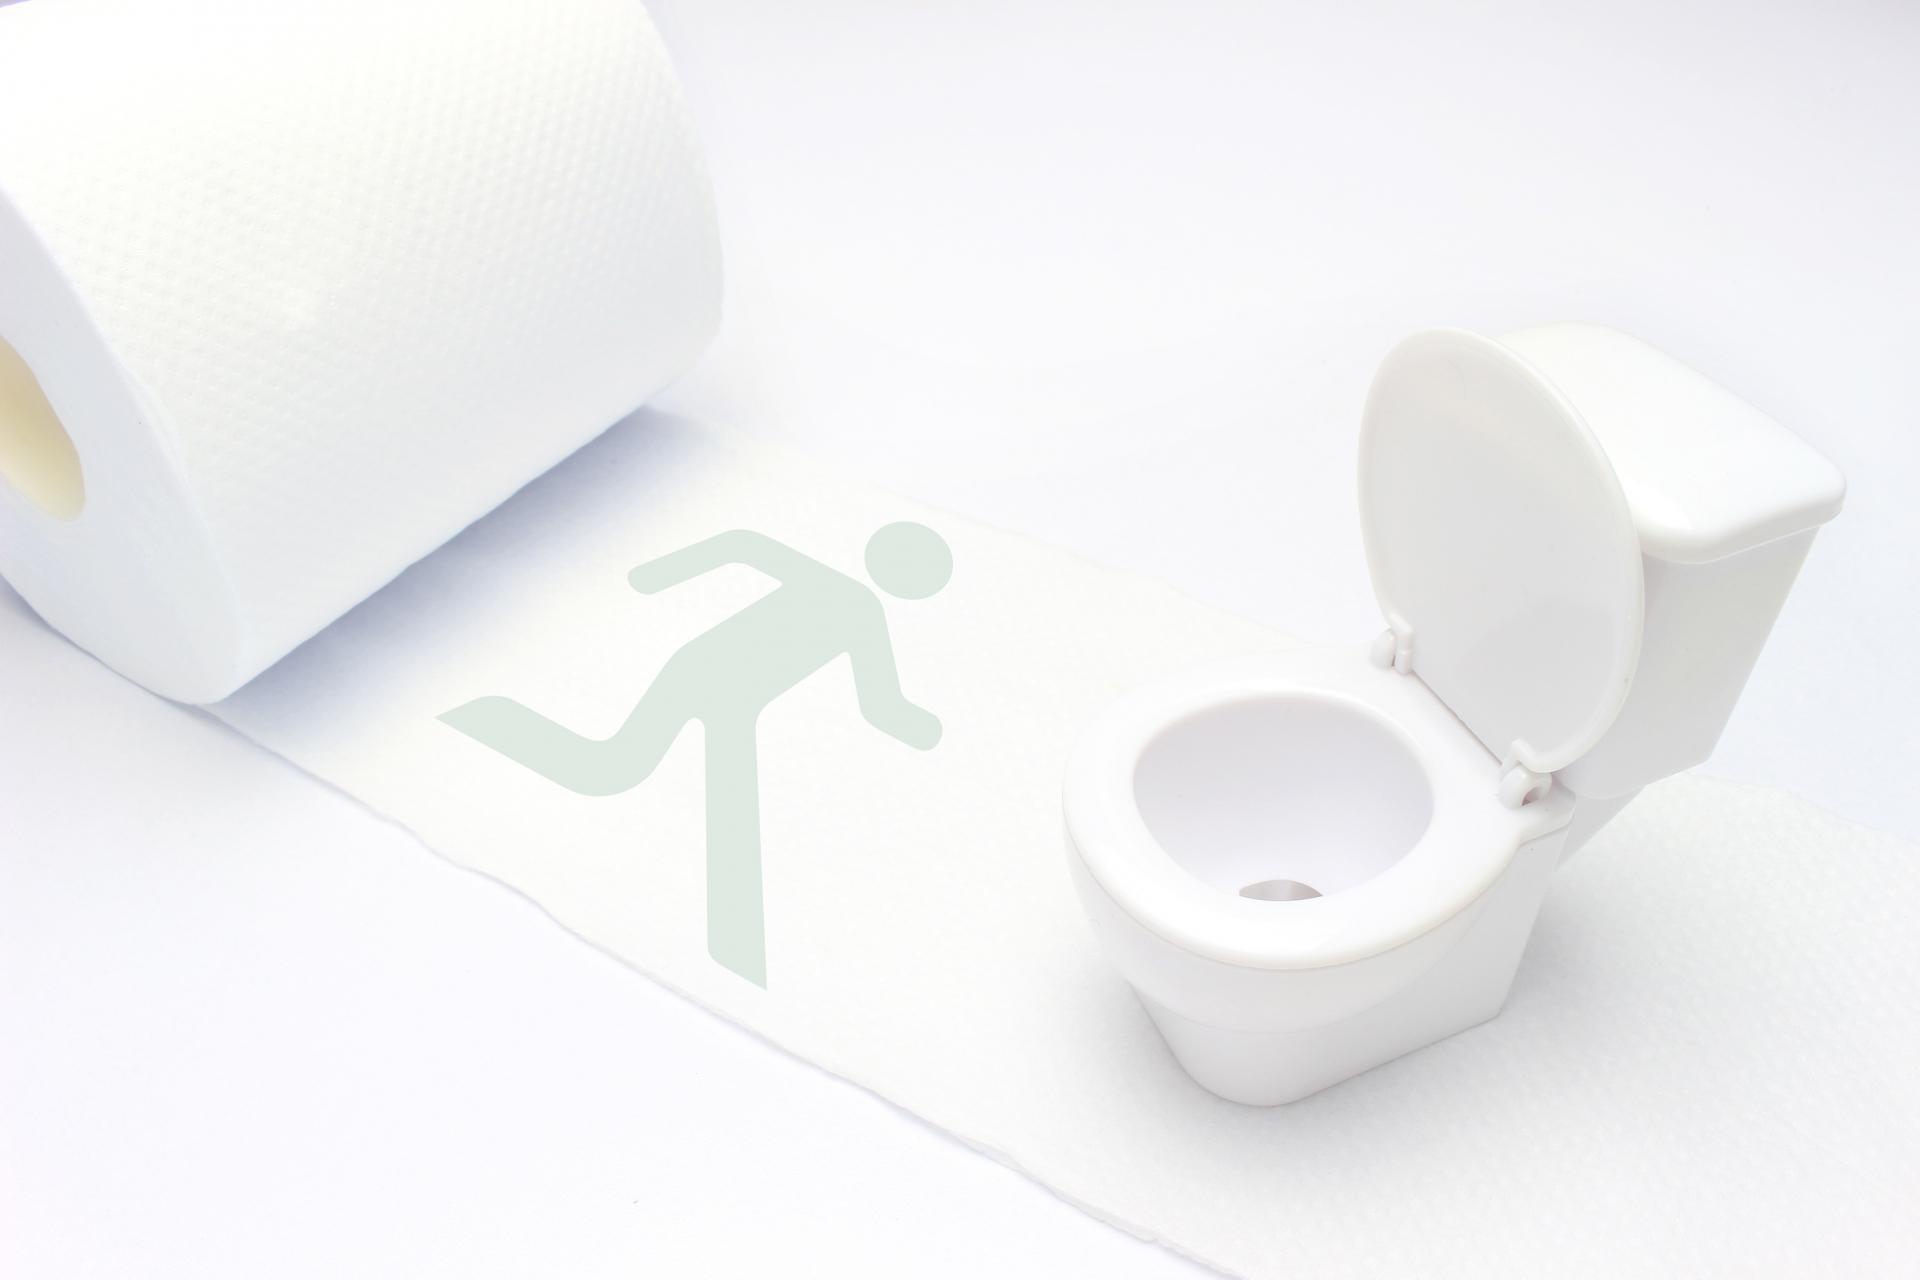 【活用事例】トイレのIoT化による生産性とセキュリティ性の向上